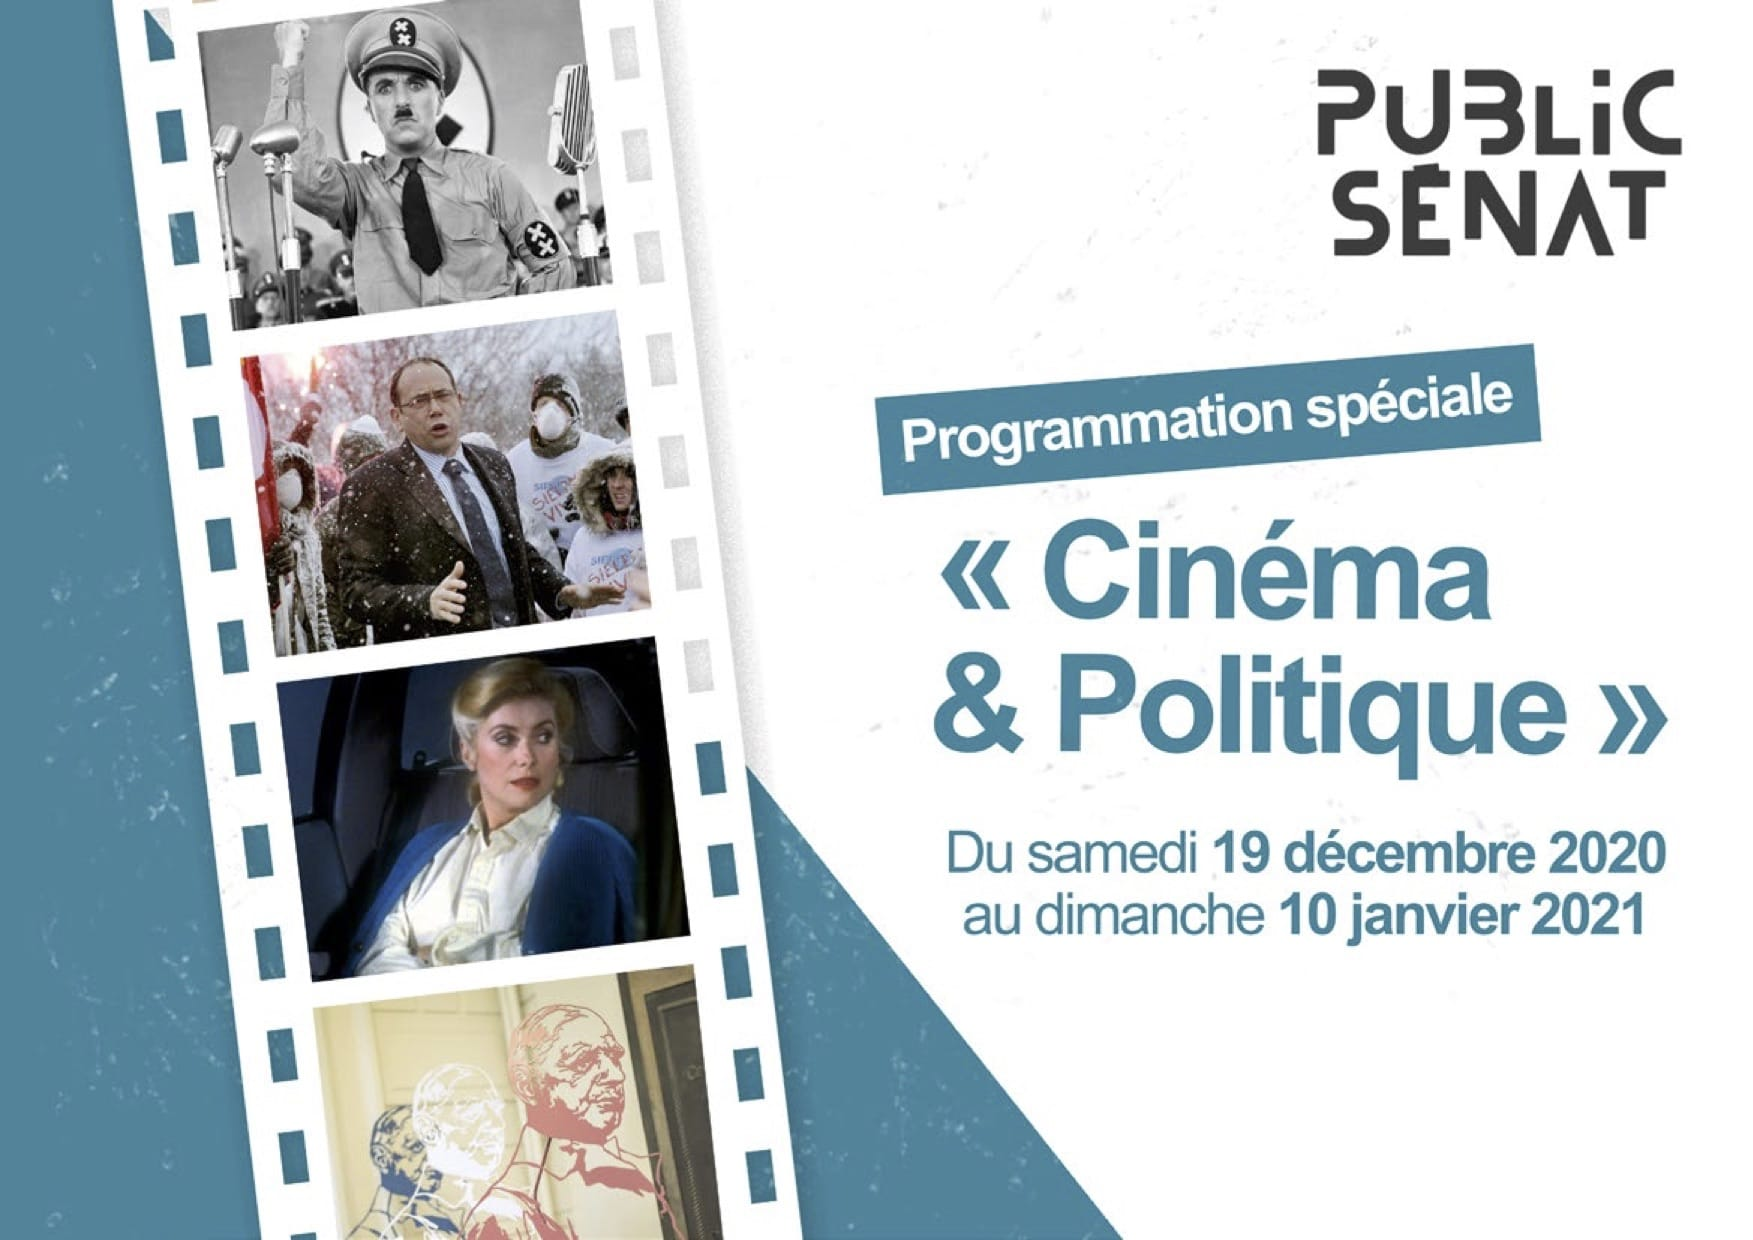 Programmation Cinéma & Politique sur Public Sénat 2020-2021 visuel